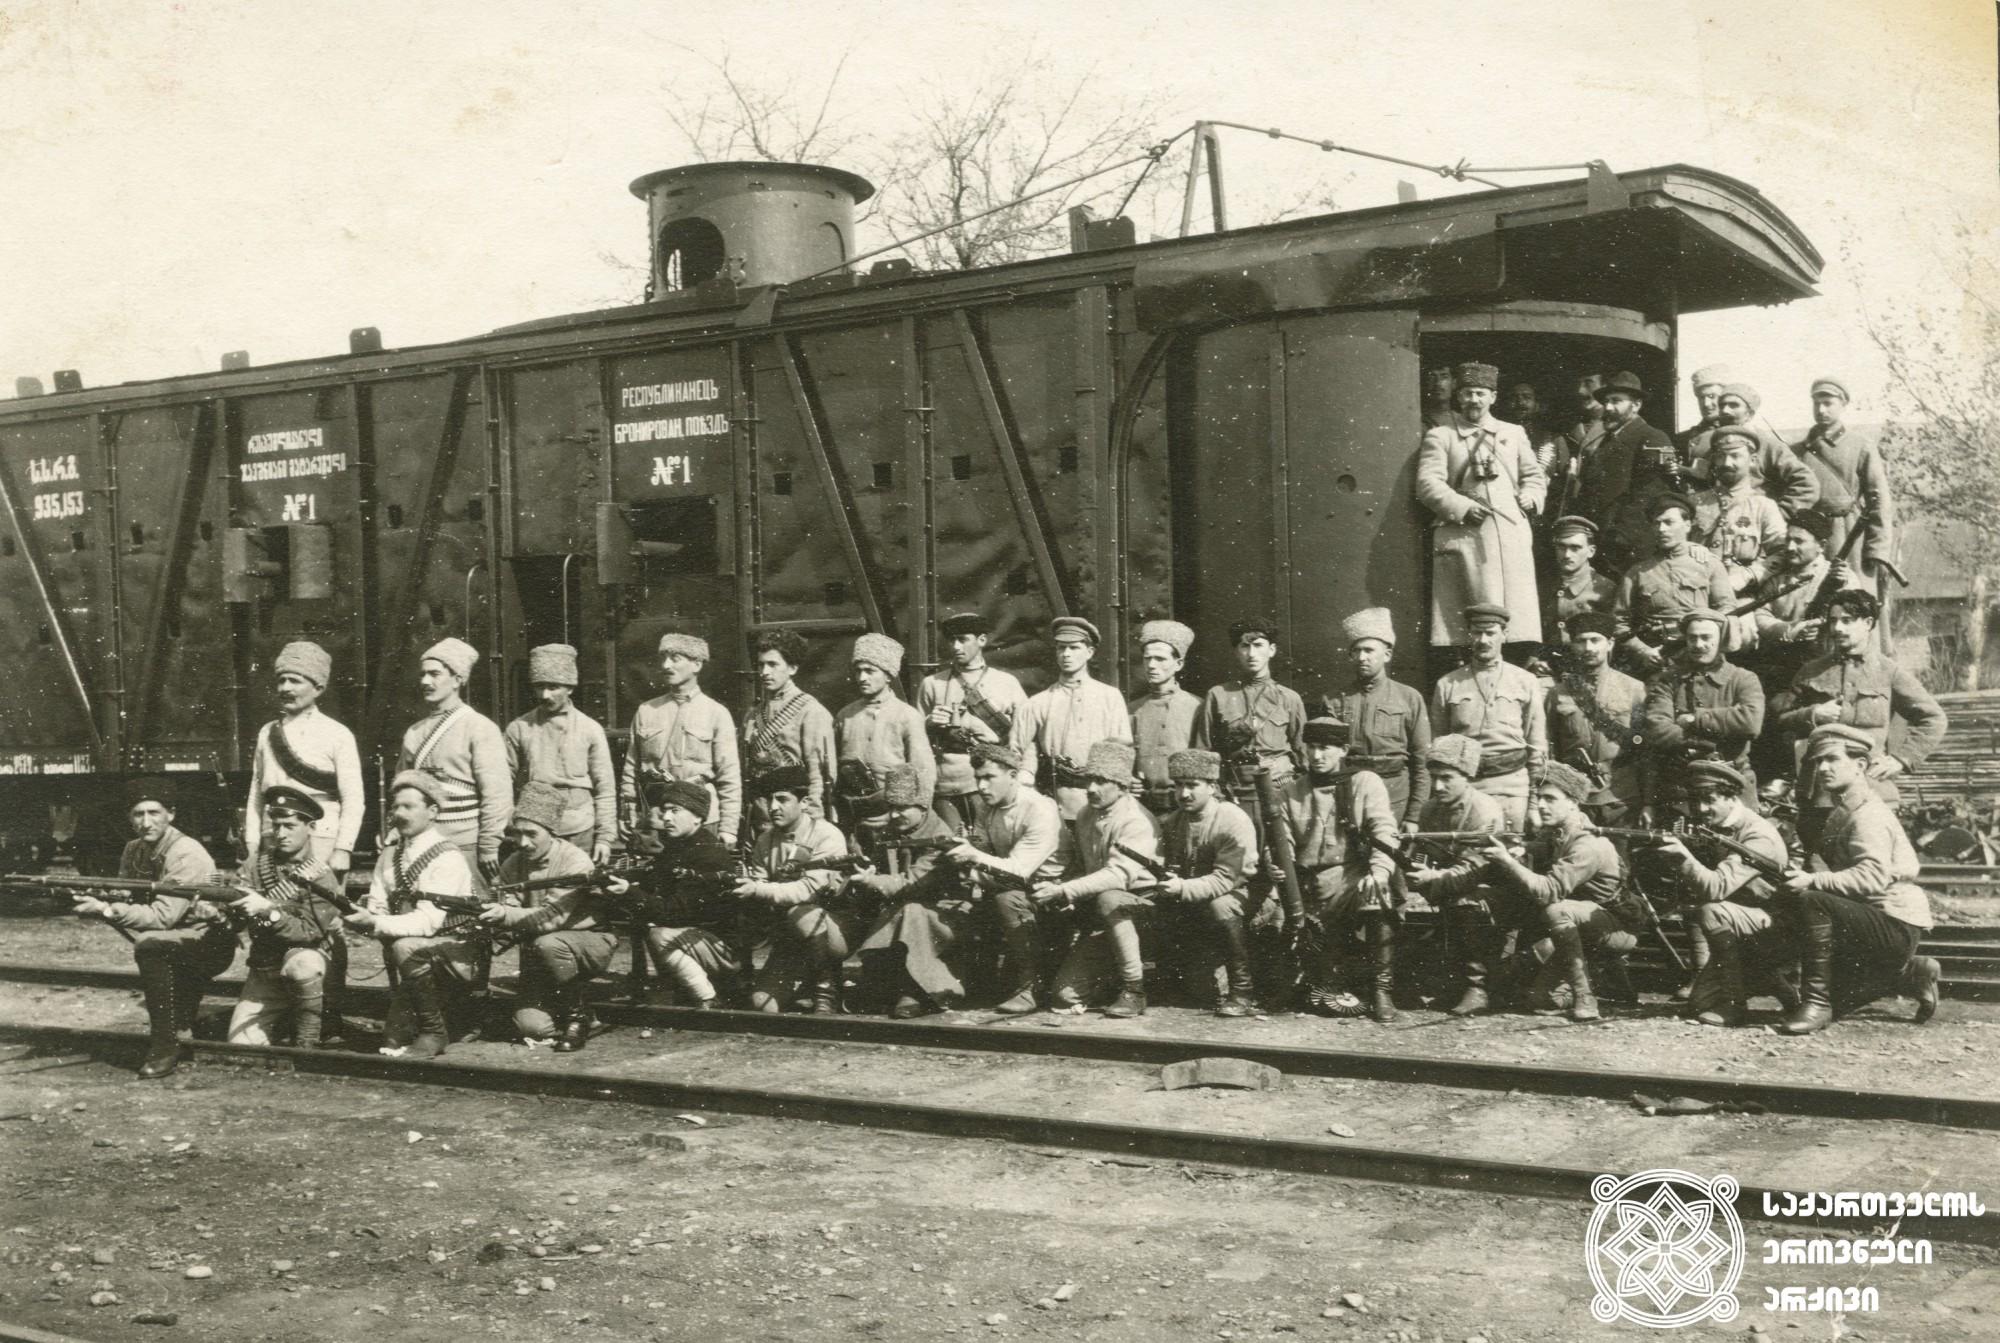 """სახალხო გვარდიის ჯავშანმატარებელთა რაზმის წევრები ჯავშანმატარებელი N1 """"რესპუბლიკელის""""ფონზე. <br> ფოტოზე ზედა რიგში მაუზერით ხელში და ბინოკლით რაზმის მეთაური ვლადიმერ გოგუაძე.  <br> 1918-1921 წლები. <br> Members of the division of armored train, on the background of armored train N1 """"Respublikeli"""".  <br> In the upper row is commander of the division Valodia Goguadze.  <br> 1918-1921."""